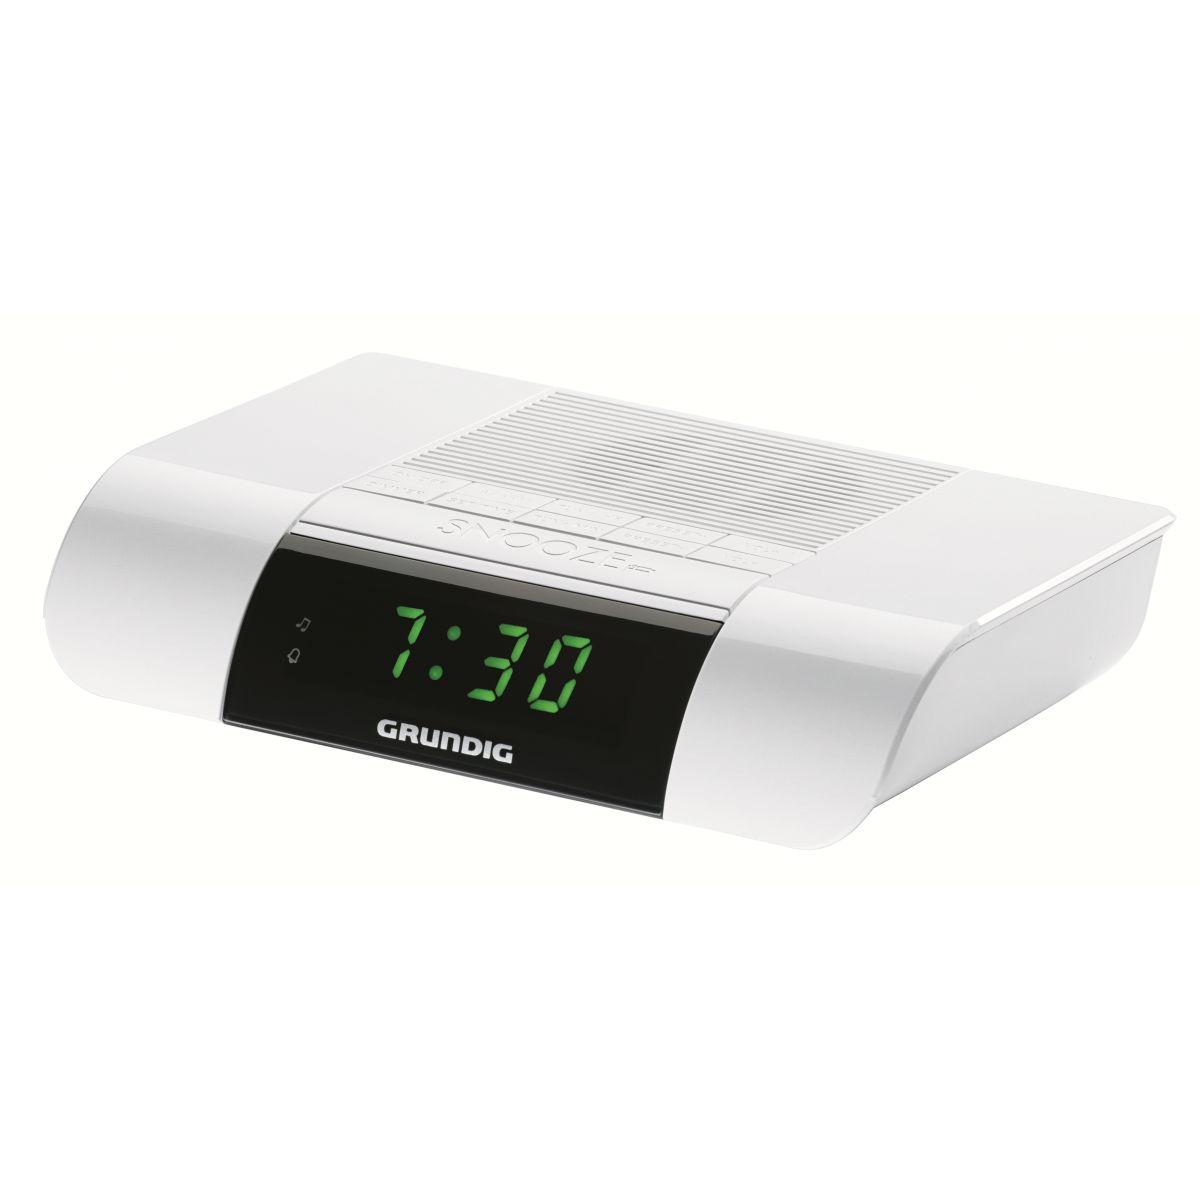 Radio-réveil grundig ksc35w - 20% de remise immédiate avec le code : multi20 (photo)